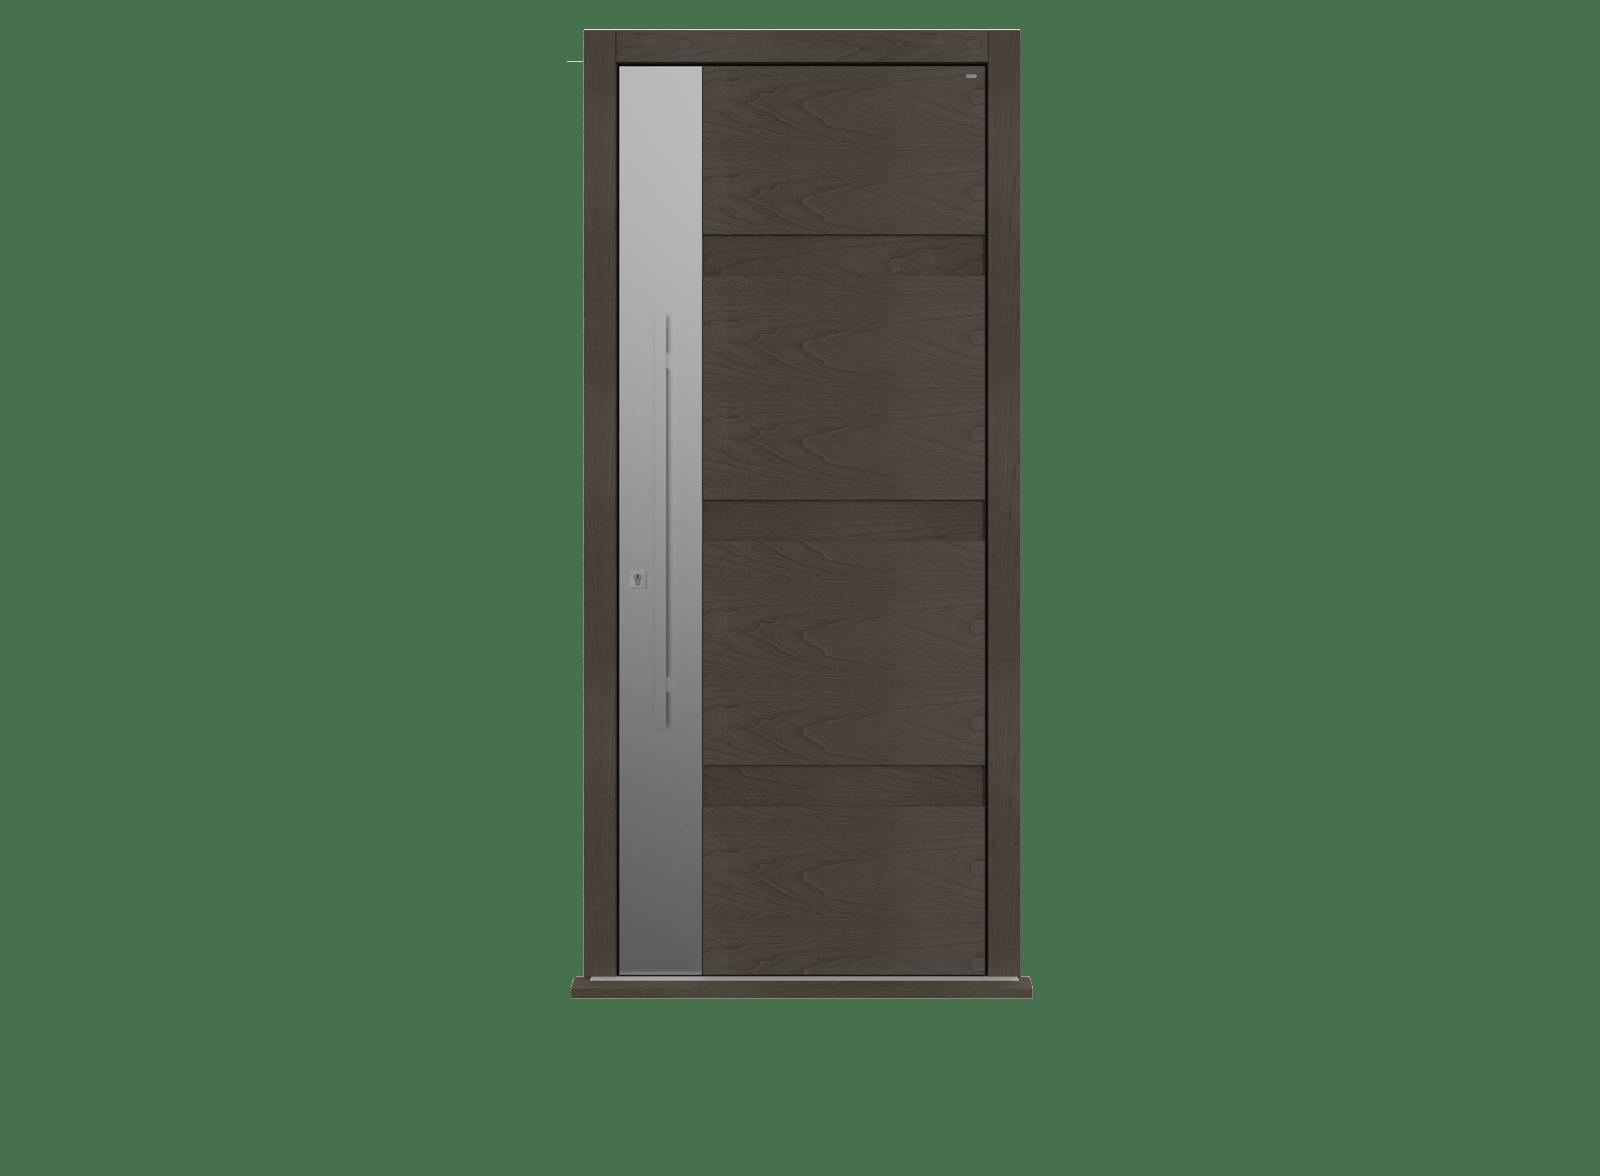 Peco Grigio Single leaf front door - Linea S by Deuren